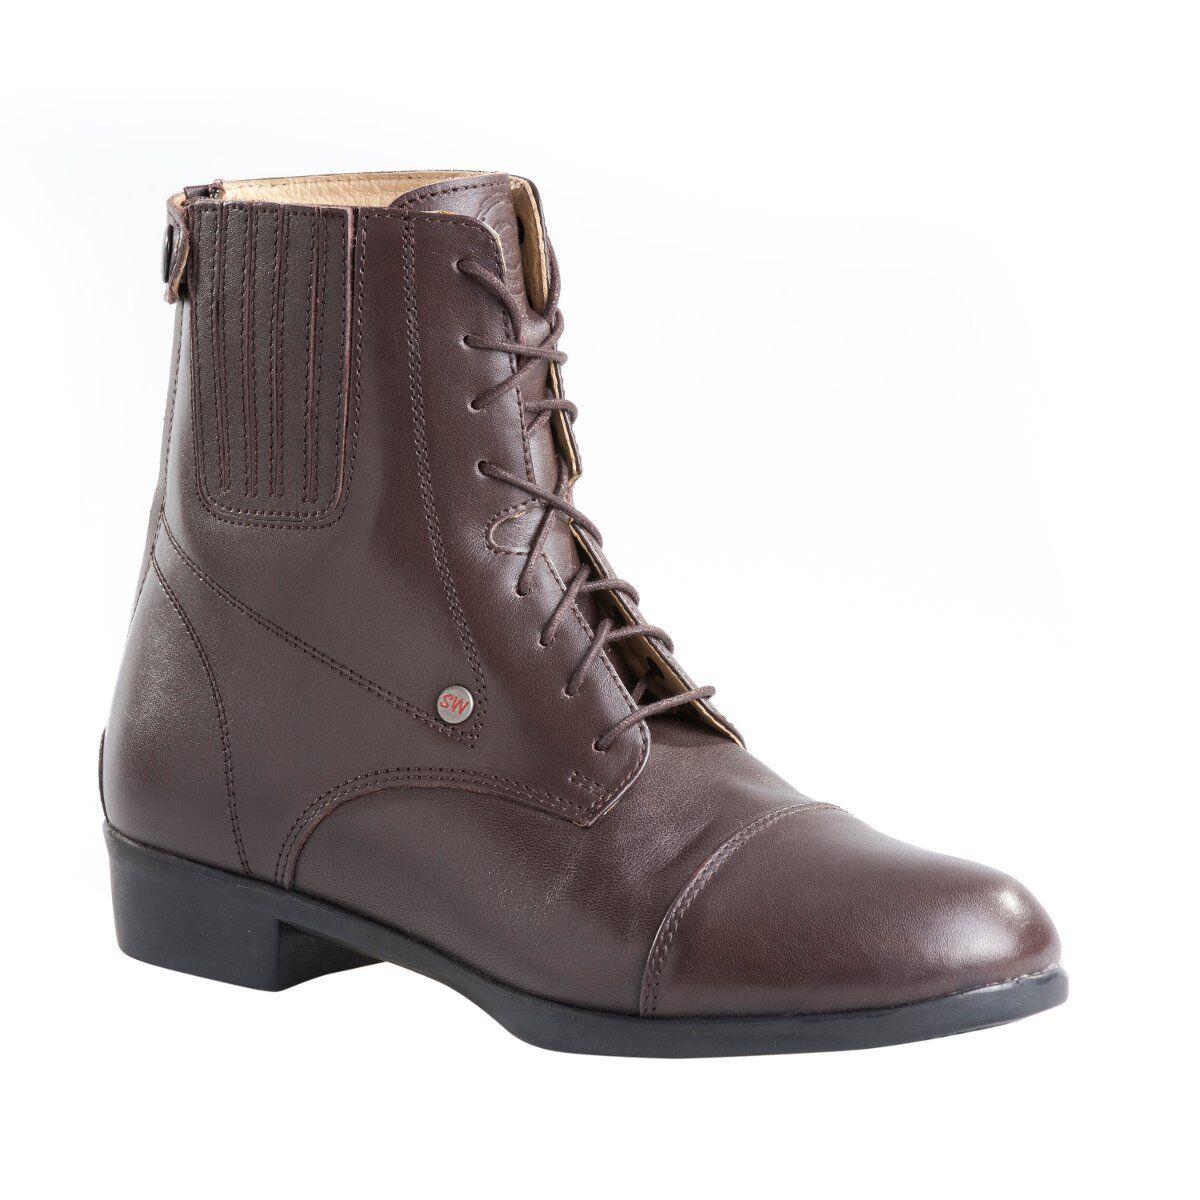 Suedwind botas Oxford Advanced Marrón botas de Monta Premium botas de Piel Cuero